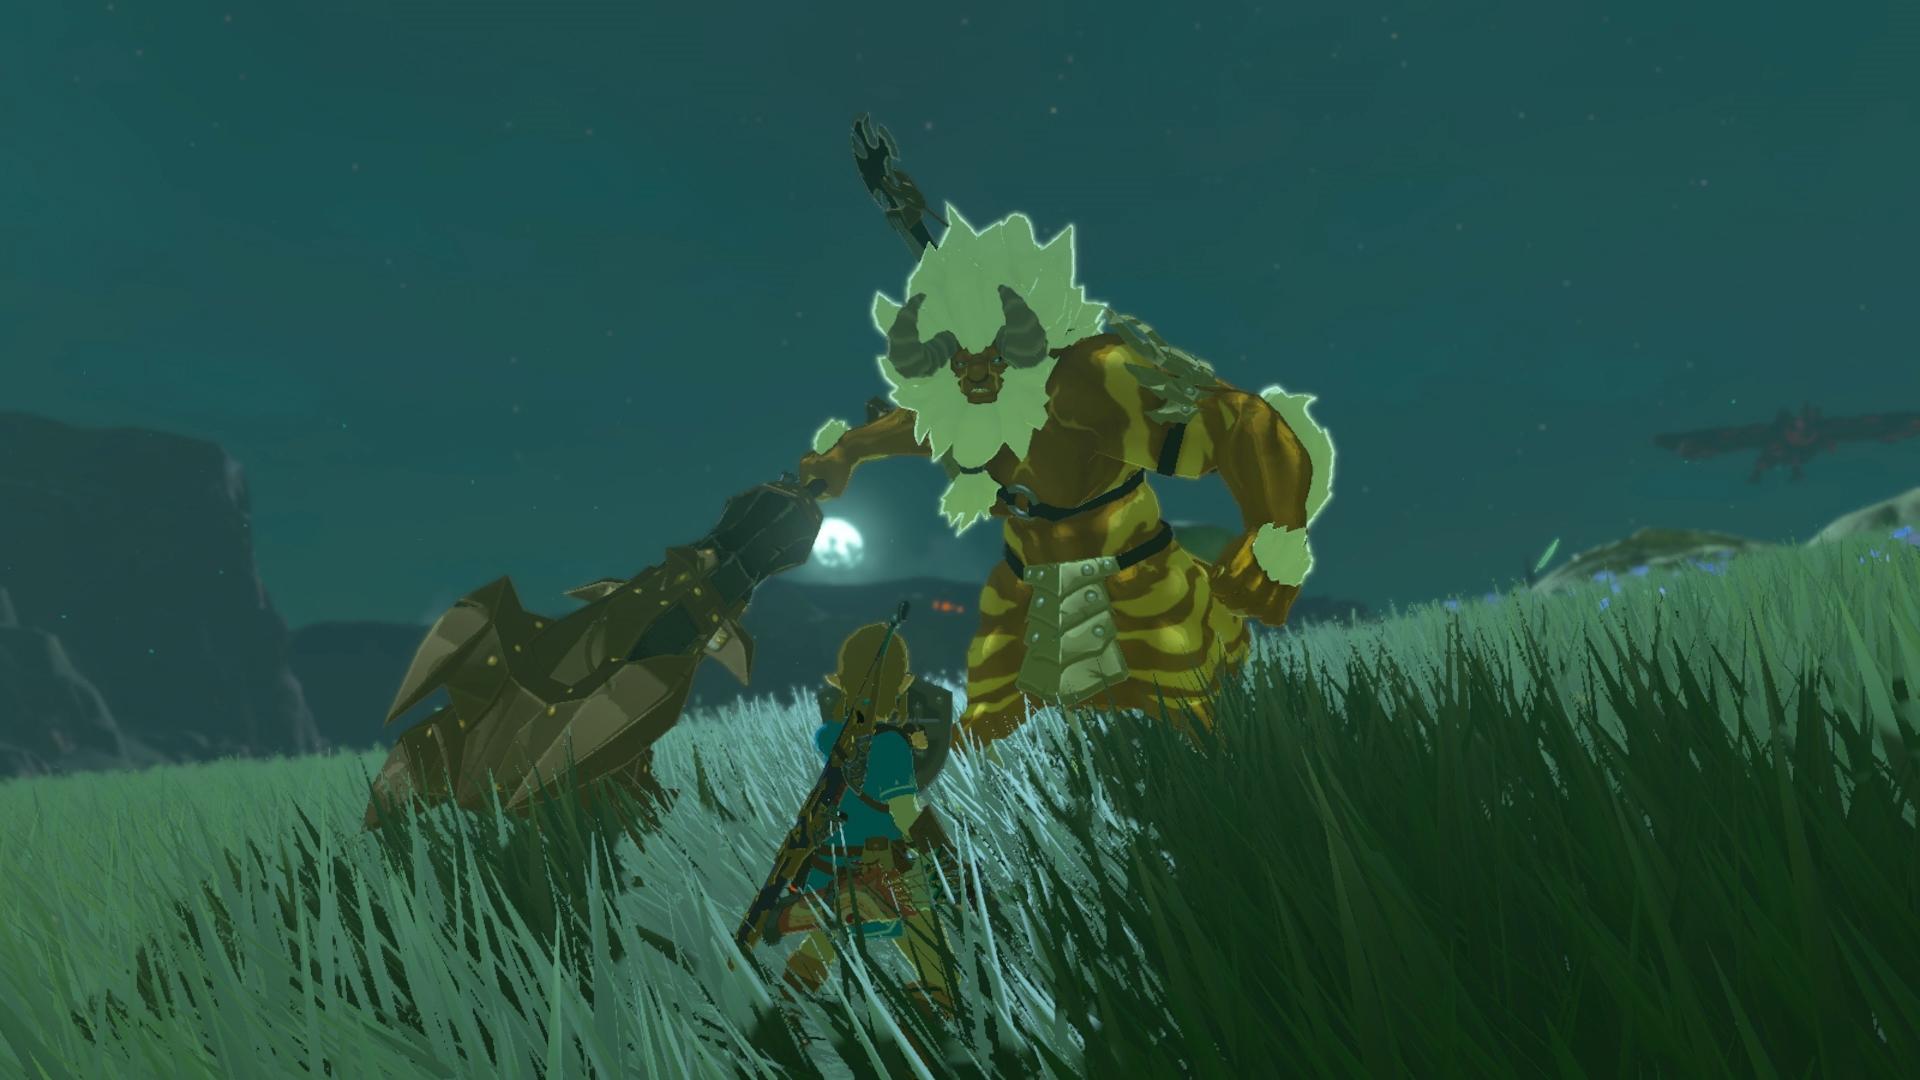 The Legend of Zelda: Breath of the Wild DLC Screen 4